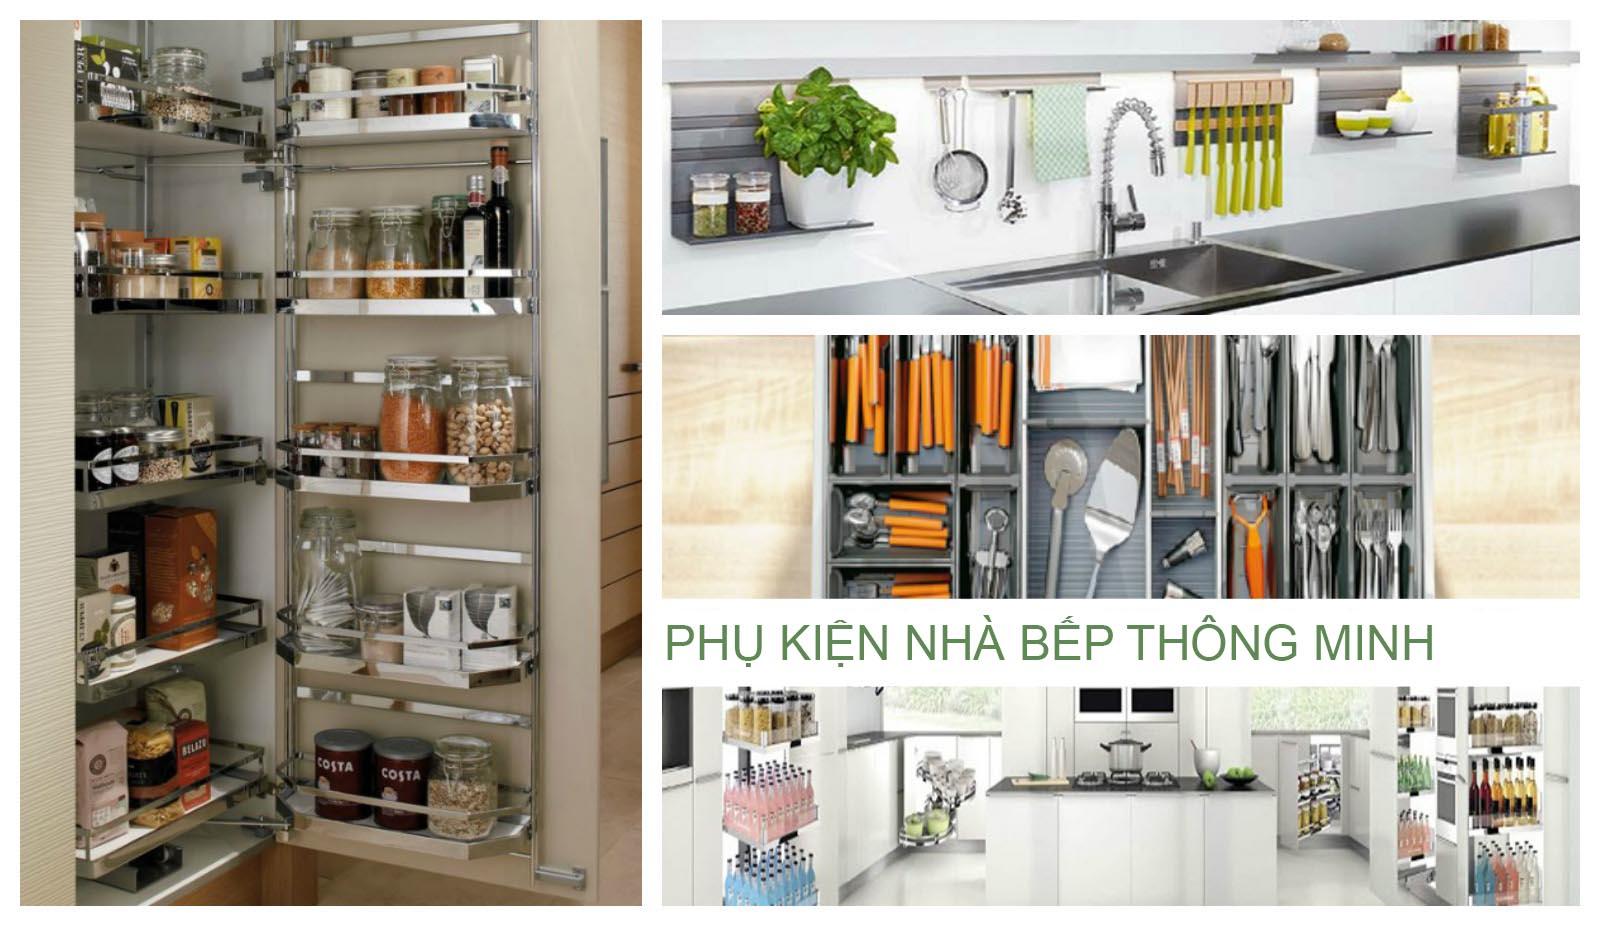 phu-kien-tu-bep-thong-minh